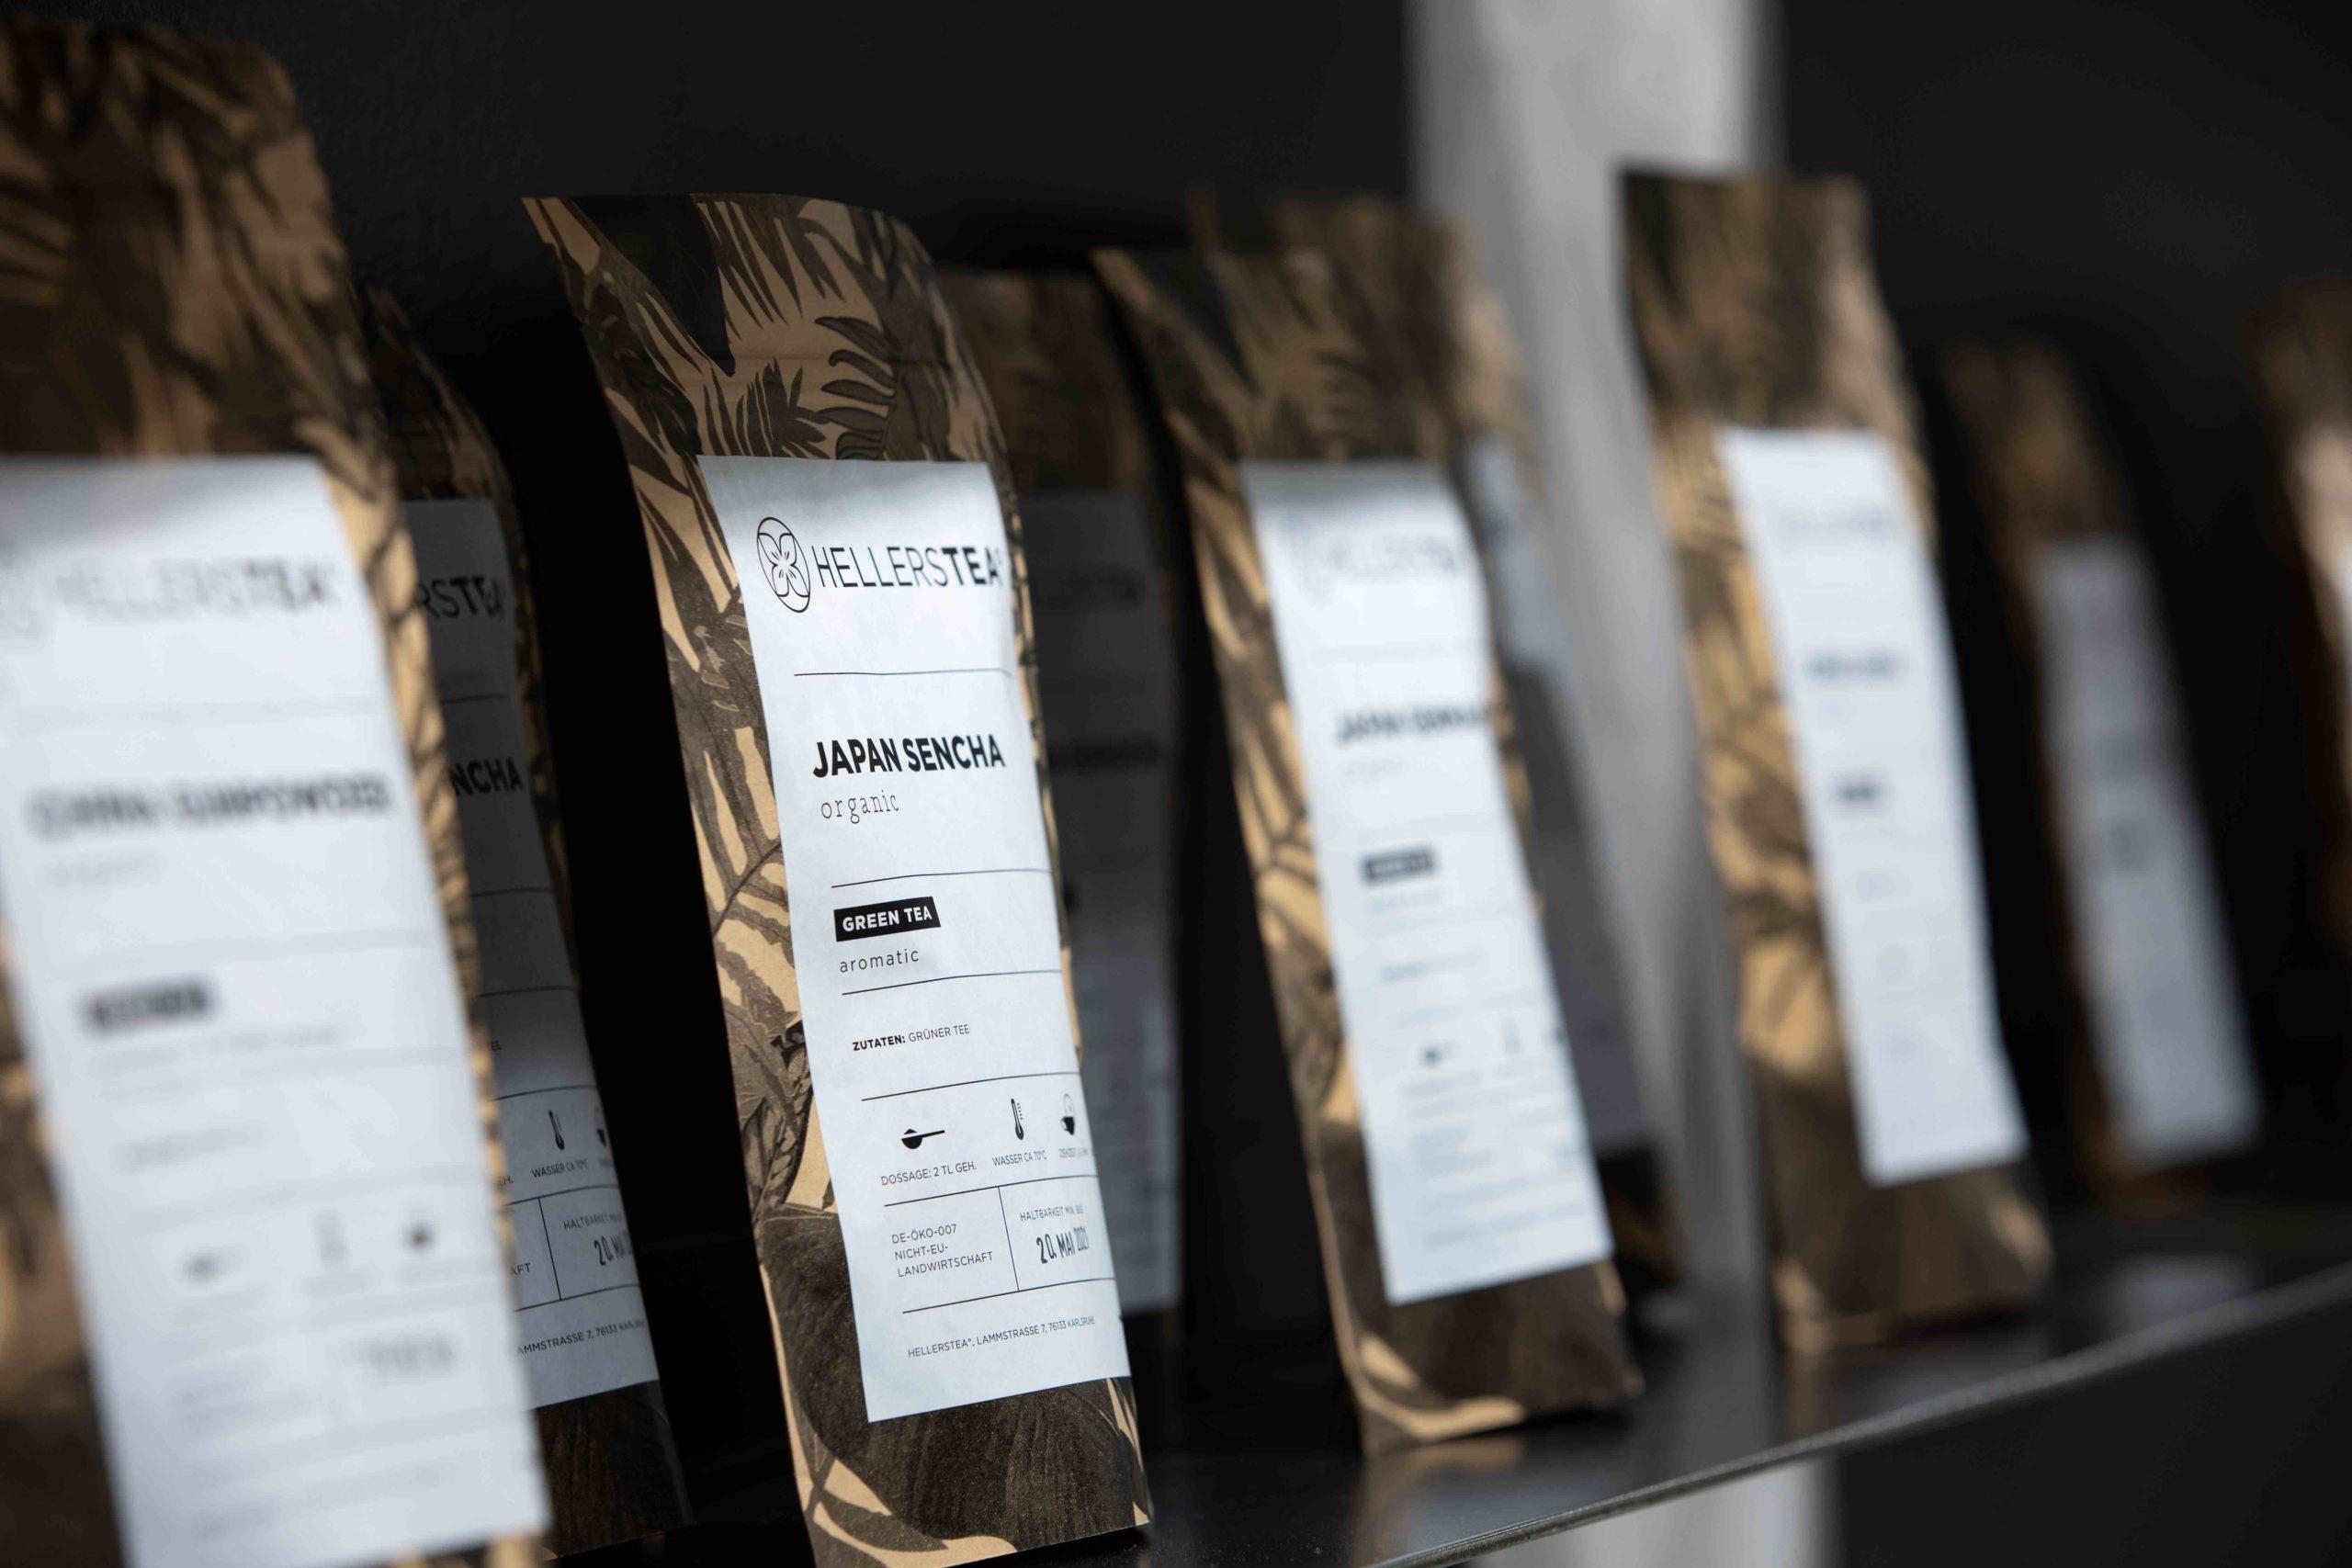 Hellers Tea Shop Green Tea Nobla Raumgestaltung